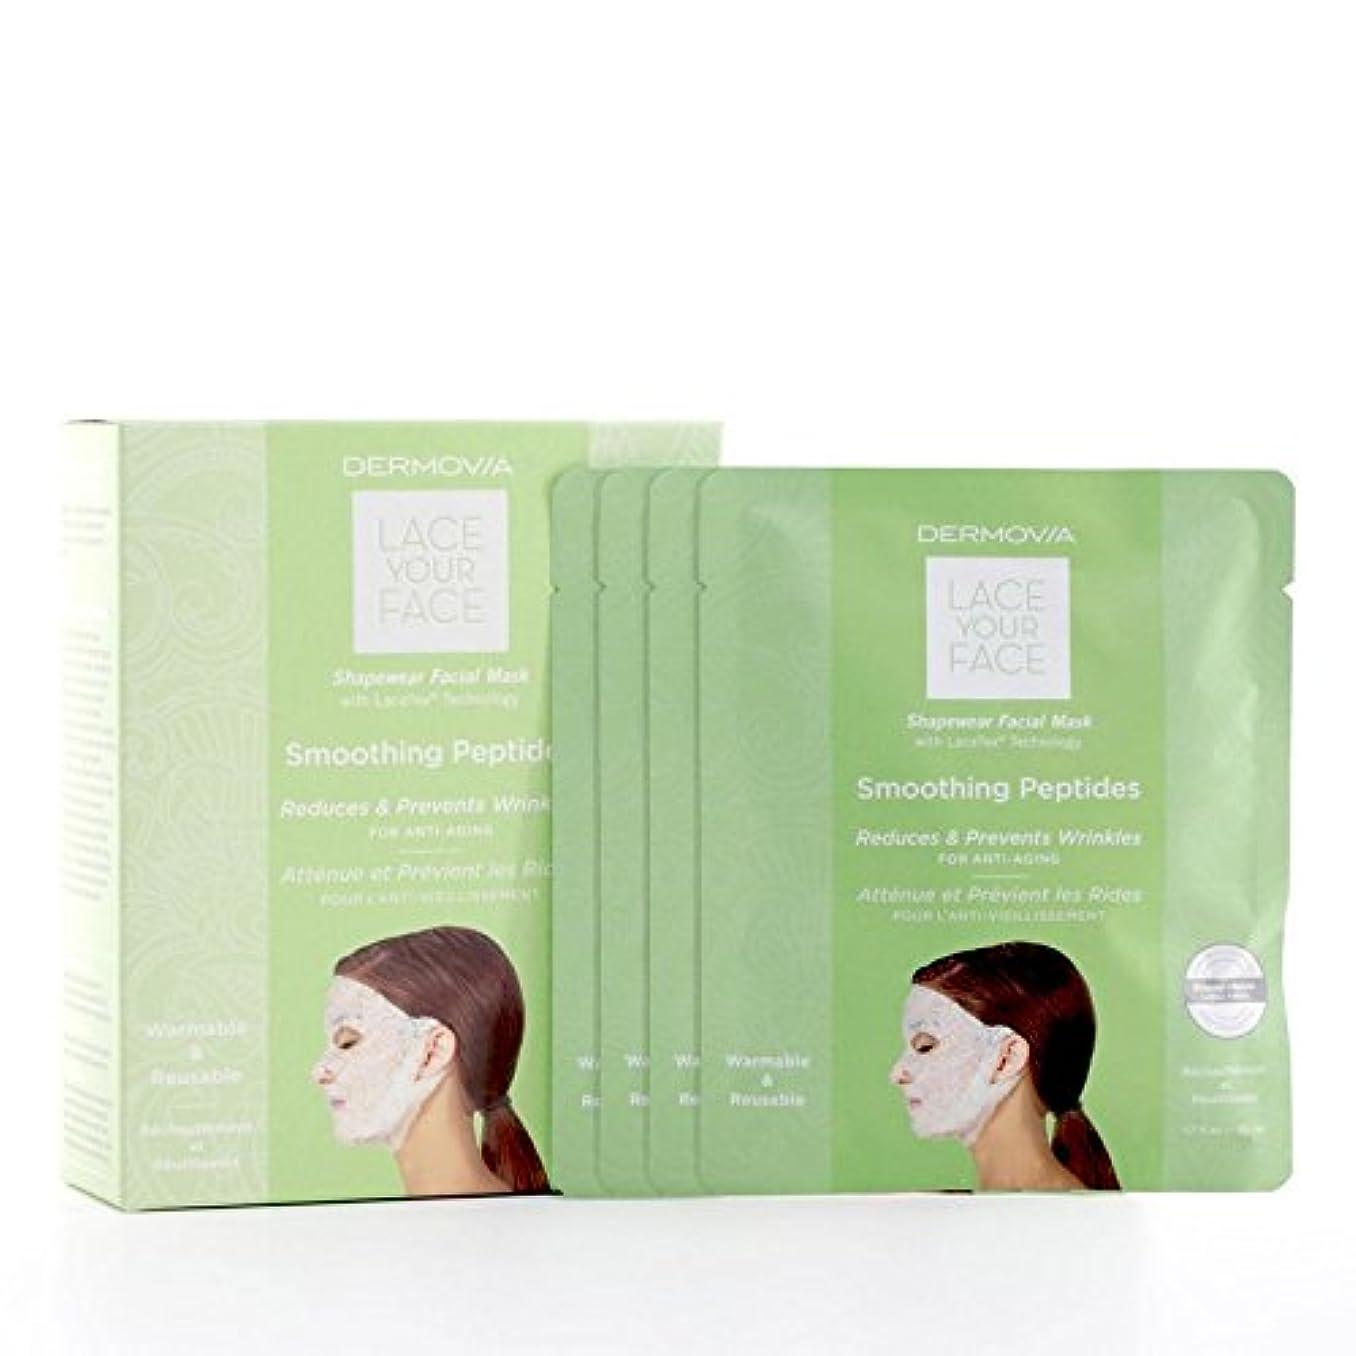 火山学請負業者歯は、あなたの顔の圧縮フェイシャルマスク平滑化ペプチドをひもで締めます x4 - Dermovia Lace Your Face Compression Facial Mask Smoothing Peptides (Pack...